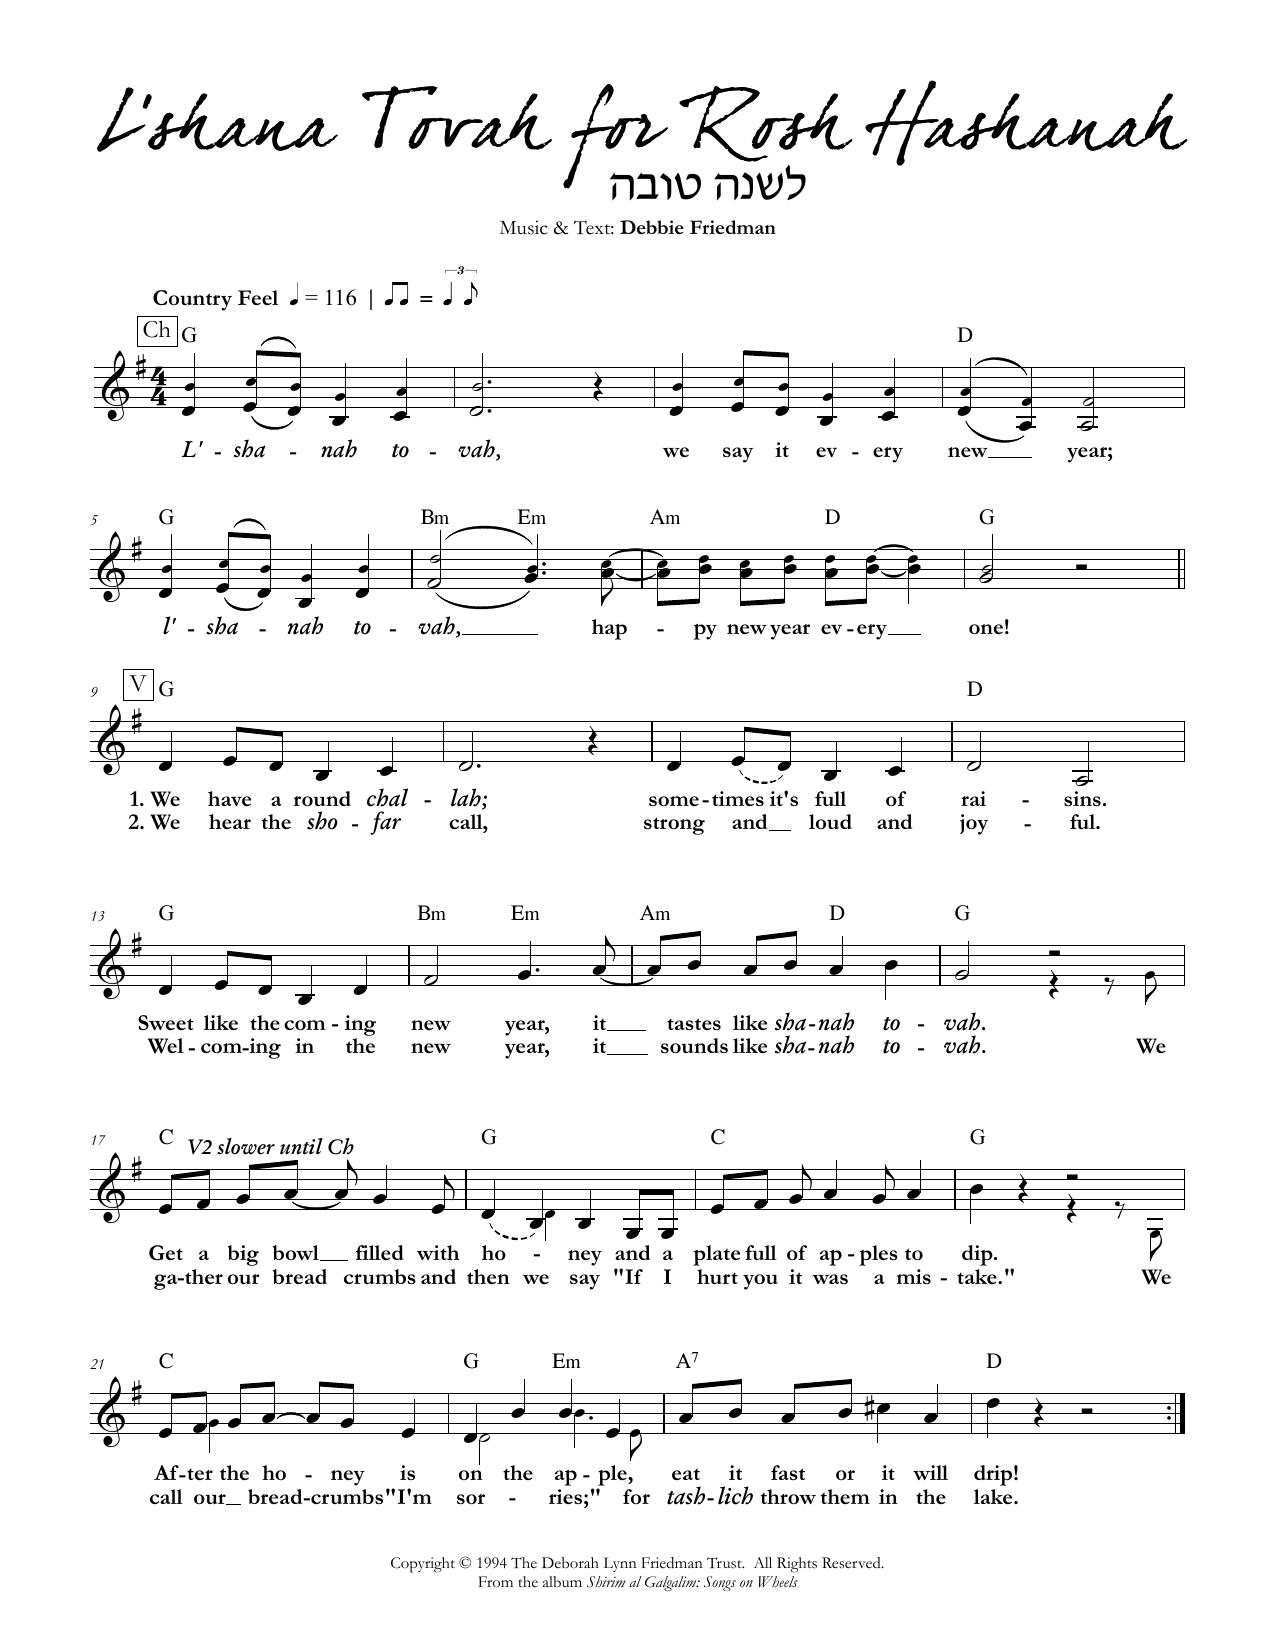 L'shana Tovah for Rosh Hashanah Sheet Music